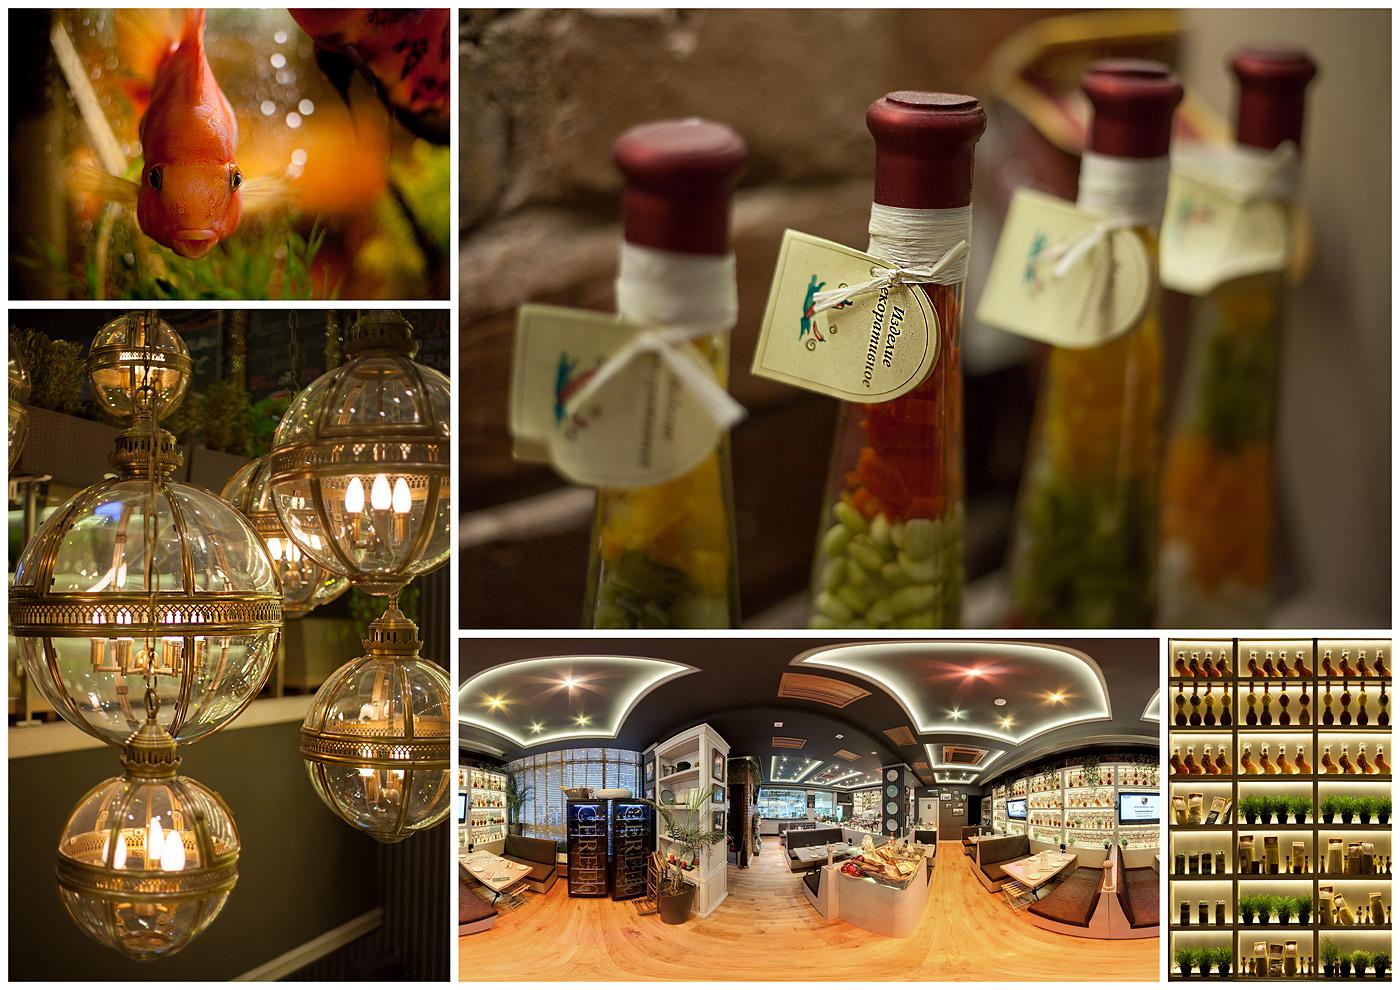 Панорама и Фотосъемка интерьеров ресторана Черетто, на Цветном Бульваре